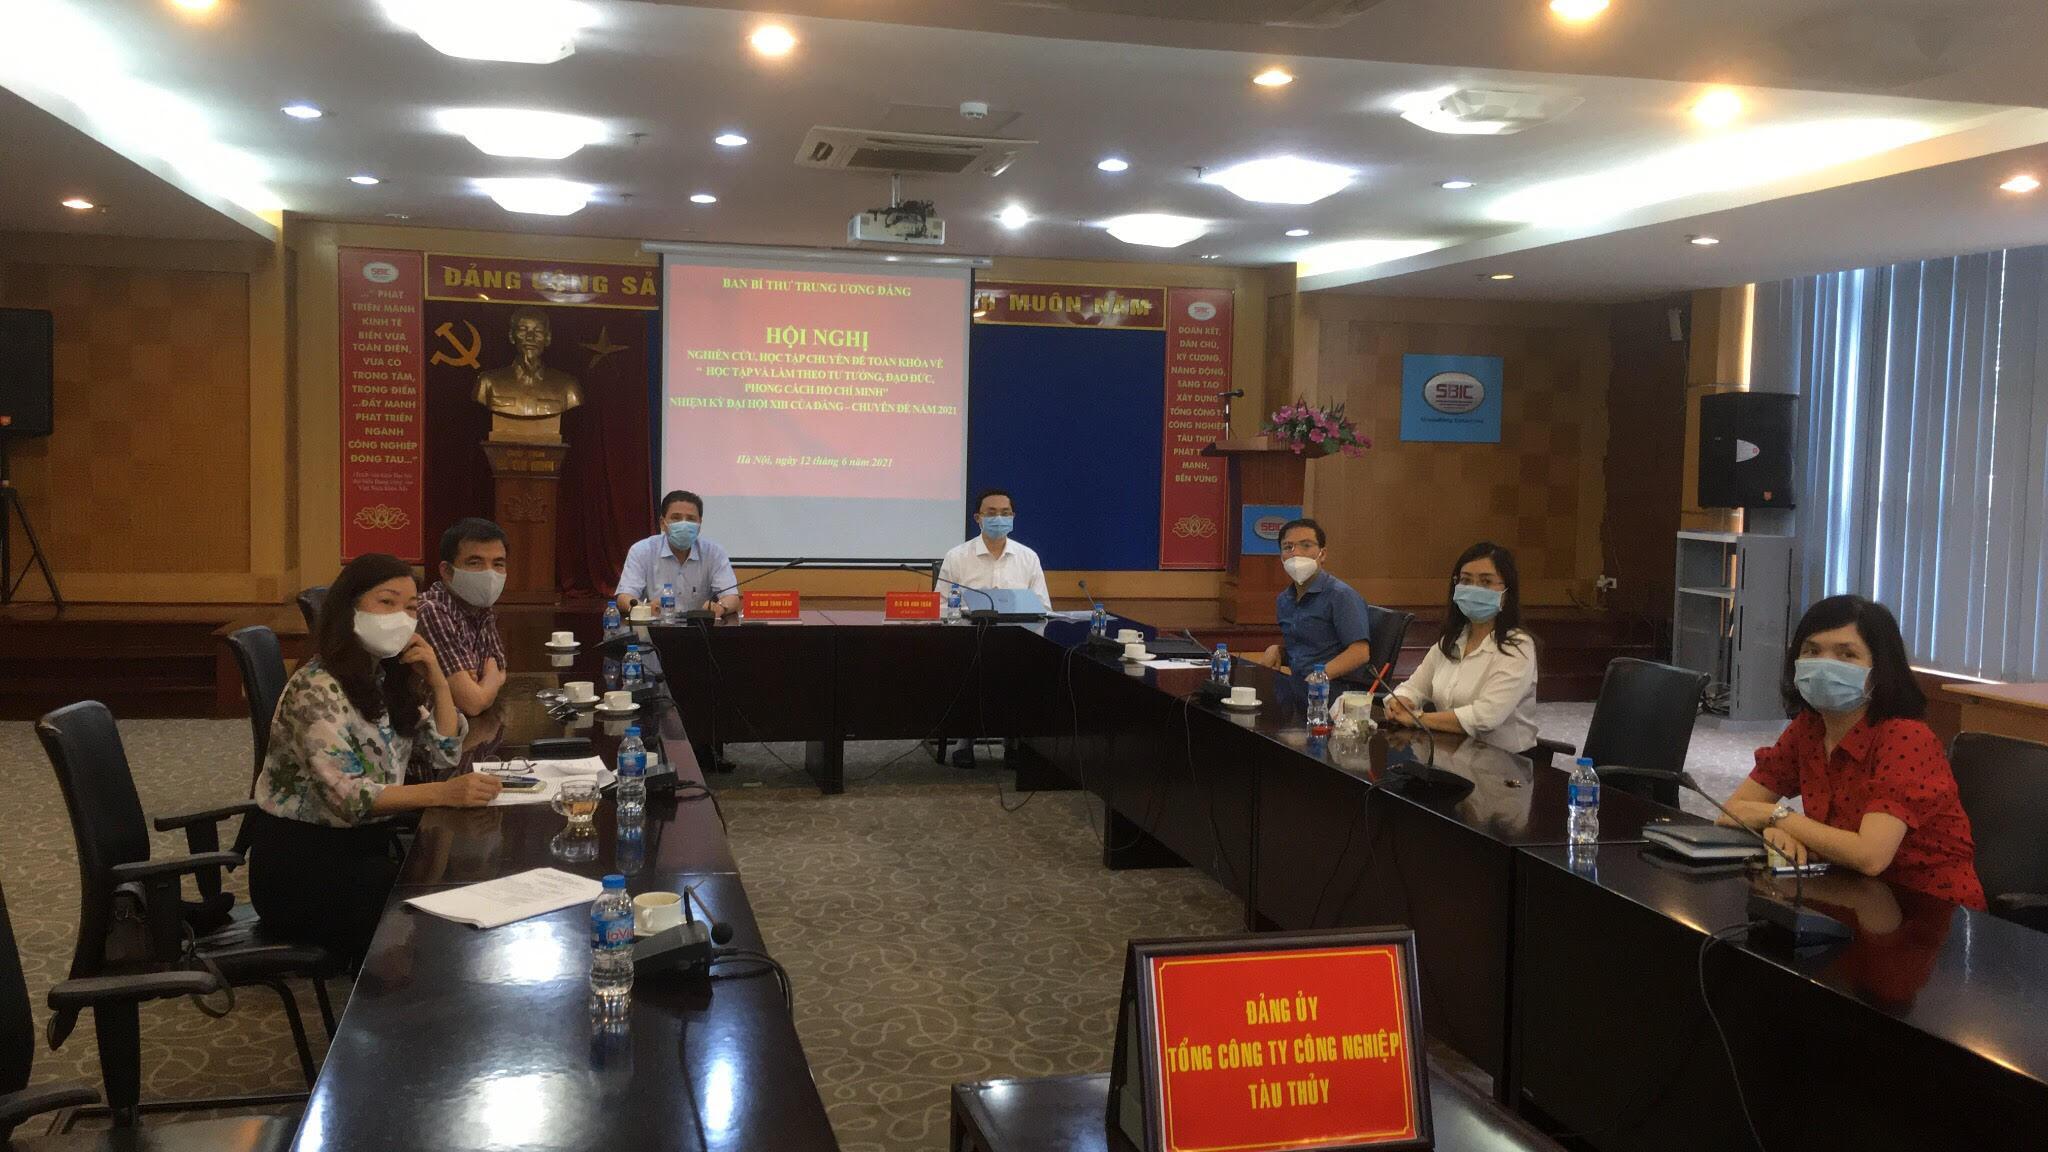 Các đại biểu tham dự Hội nghị tại điểm cầu Đảng ủy Tổng công ty CN Tàu thuỷ.